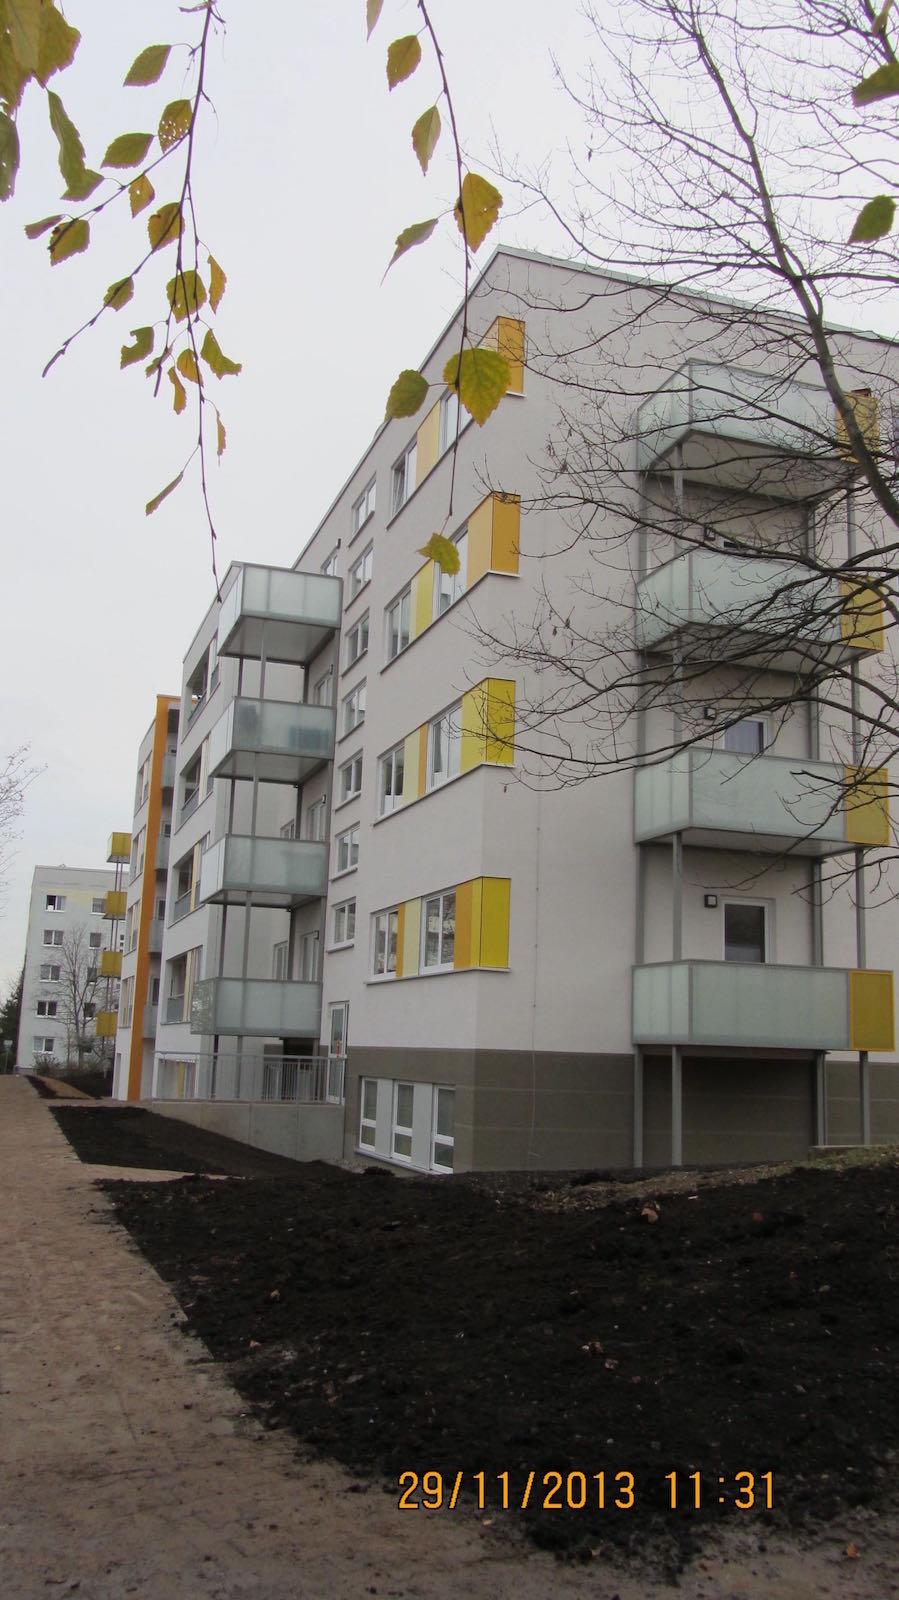 wohnungssanierung-bohnstedtstrasse-gotha-2